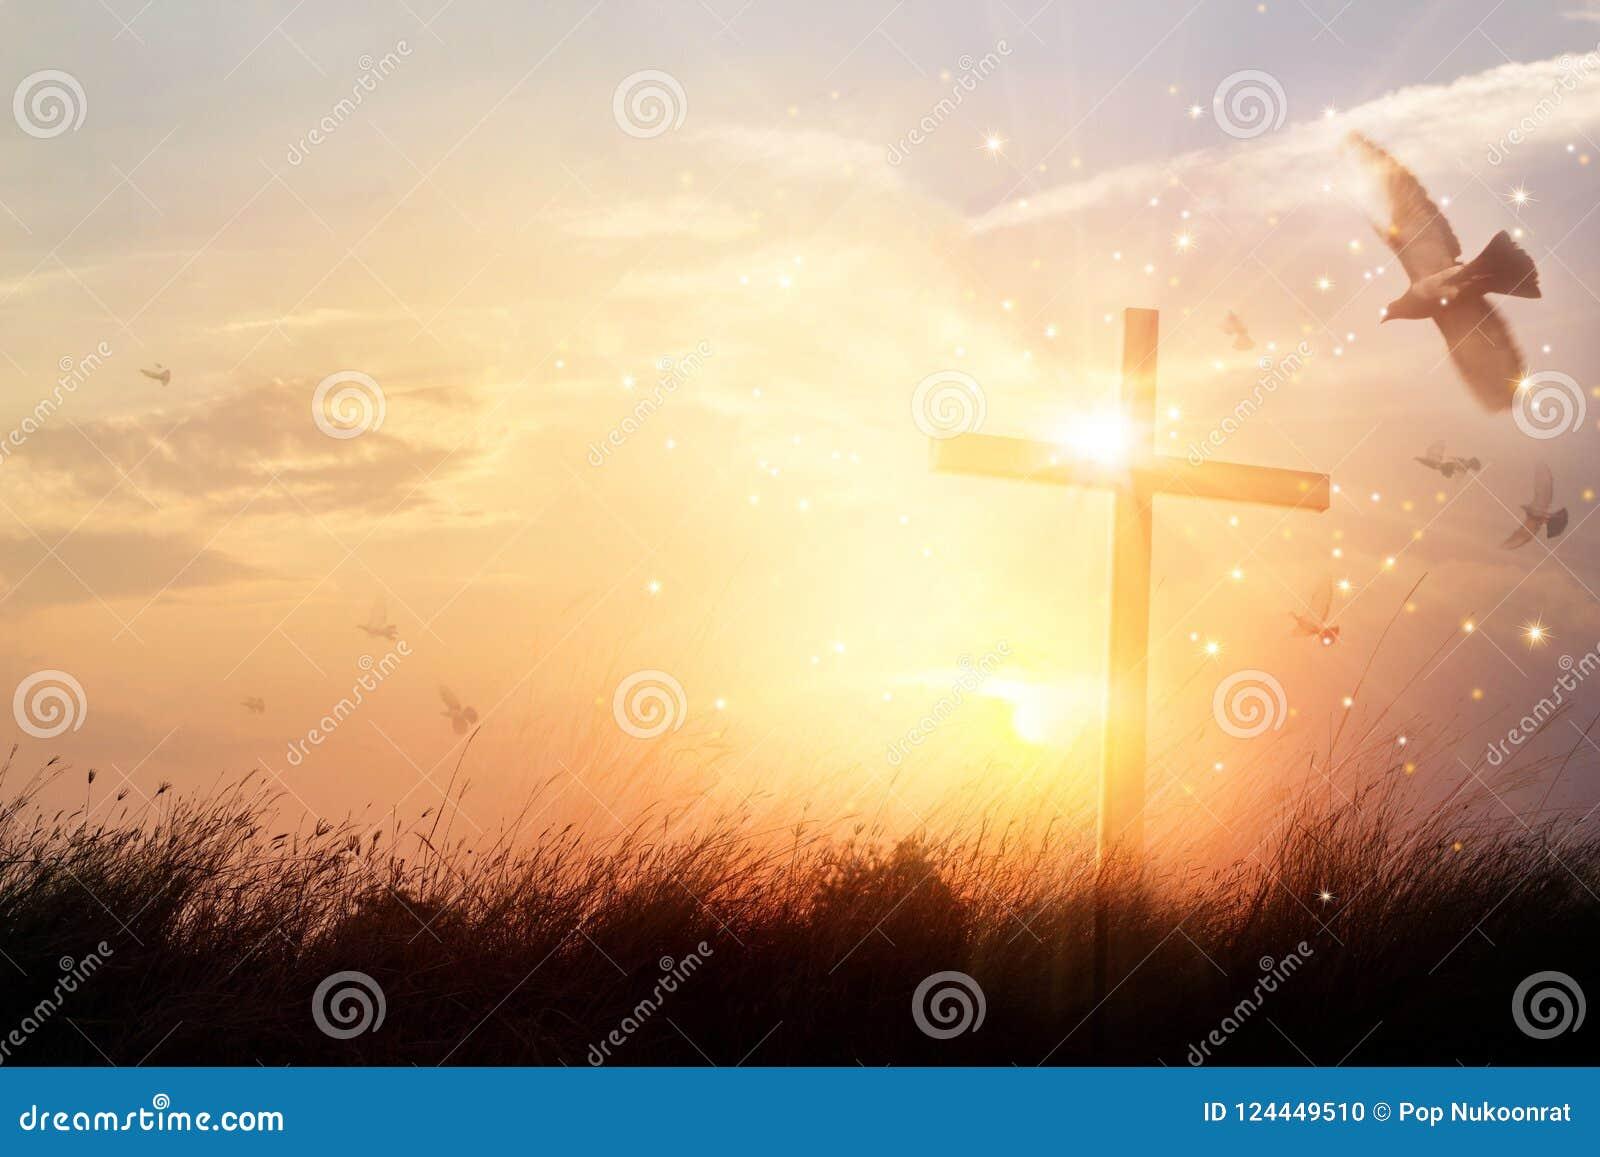 现出轮廓在草的基督徒十字架在日出背景中